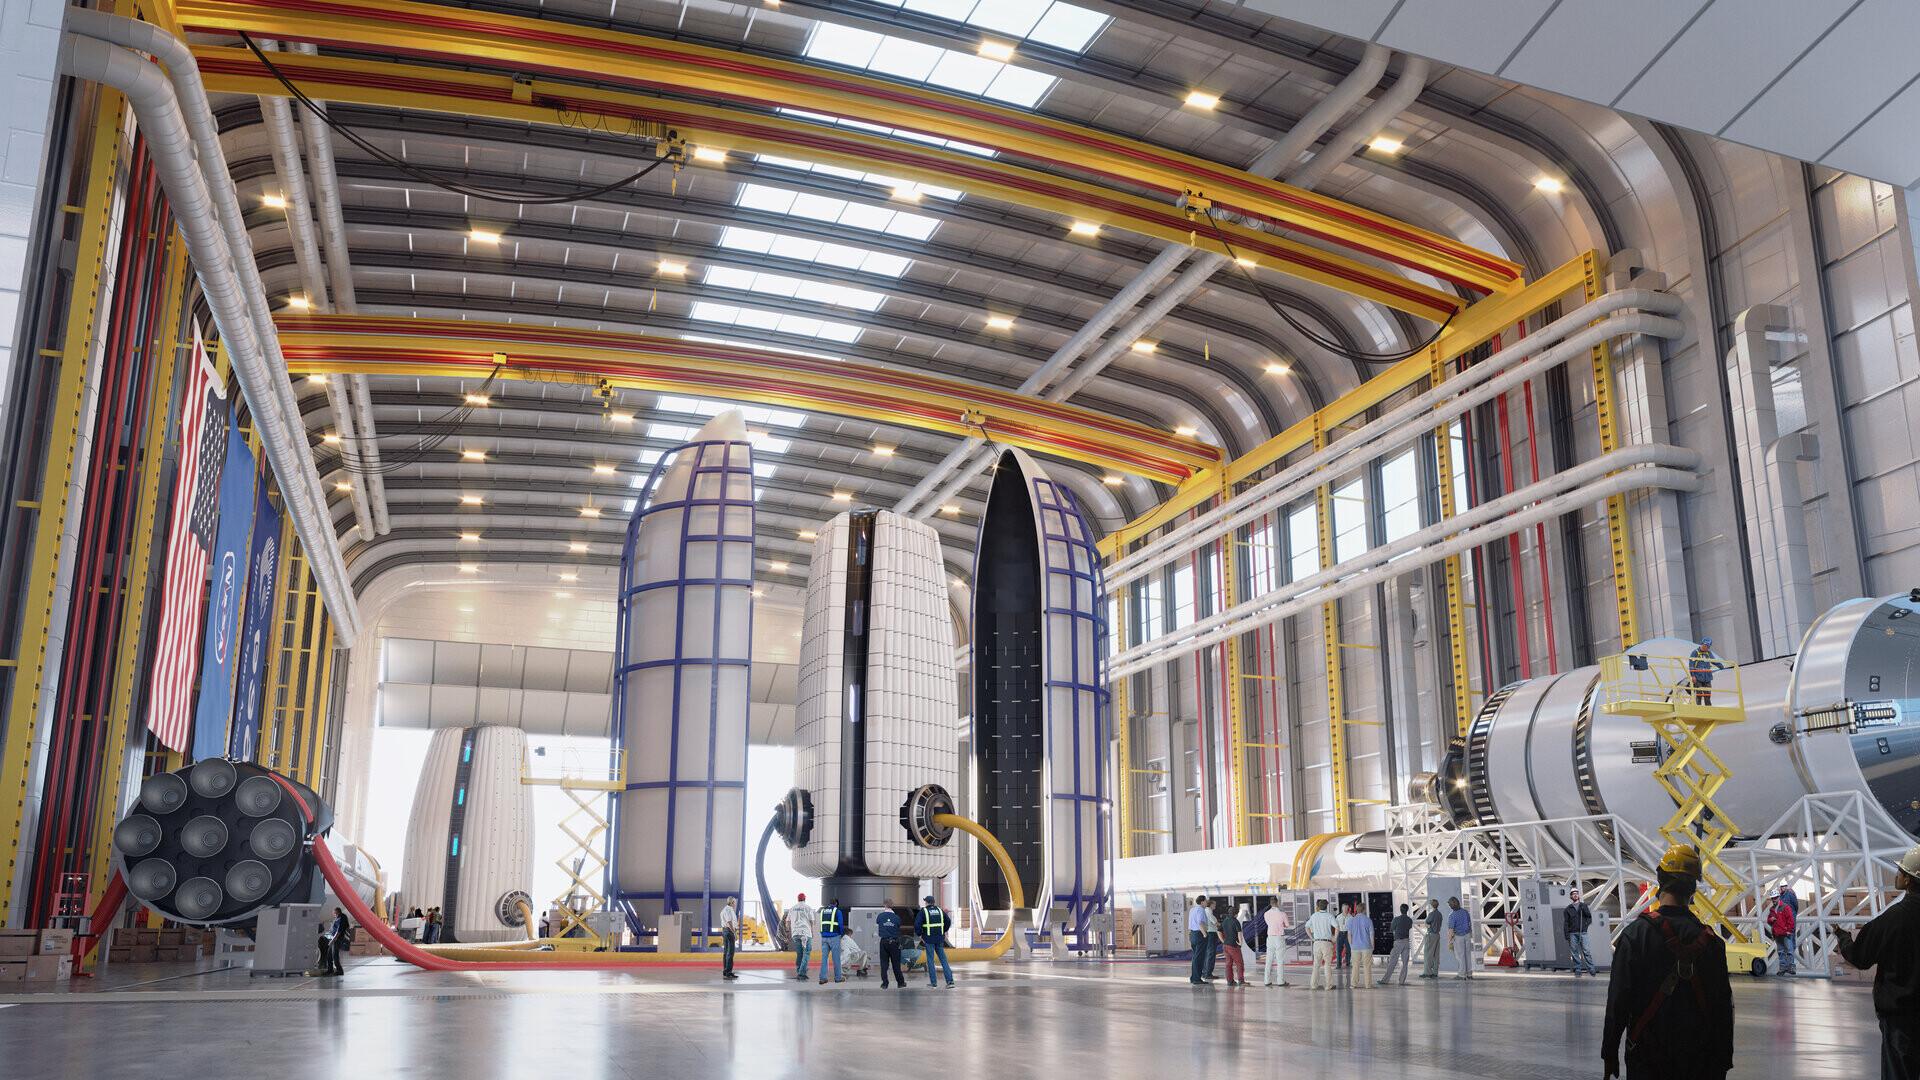 preparando el lanzamiento para moon village base lunar